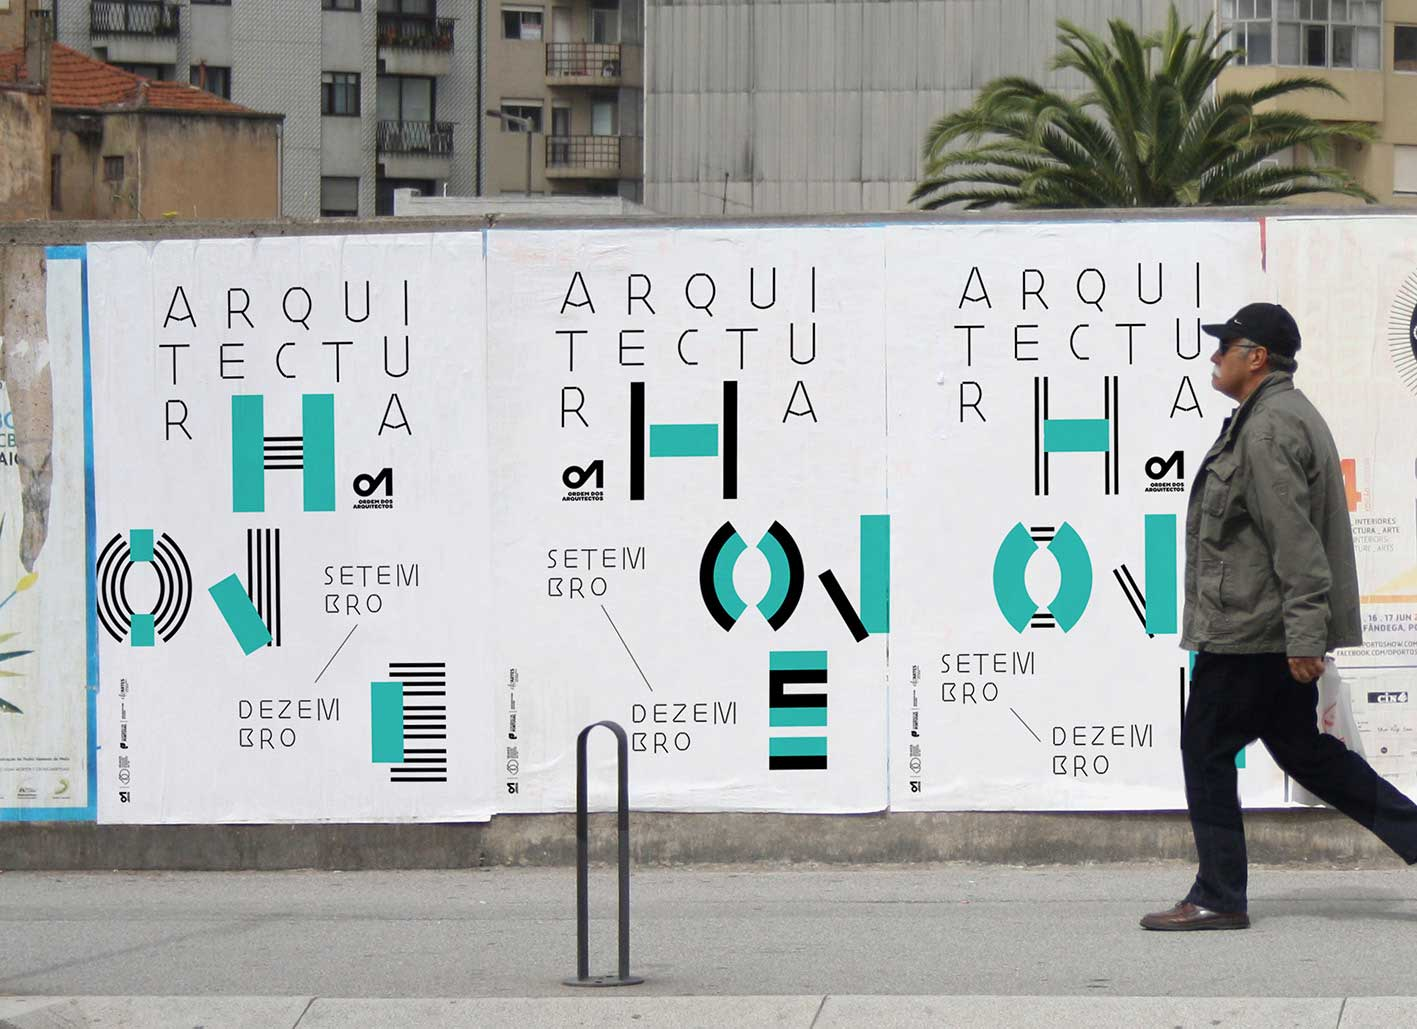 jenis macam contoh media luar ruang iklan outdoor advertising agency kelebihan kelemahan perbedaan definisi arti